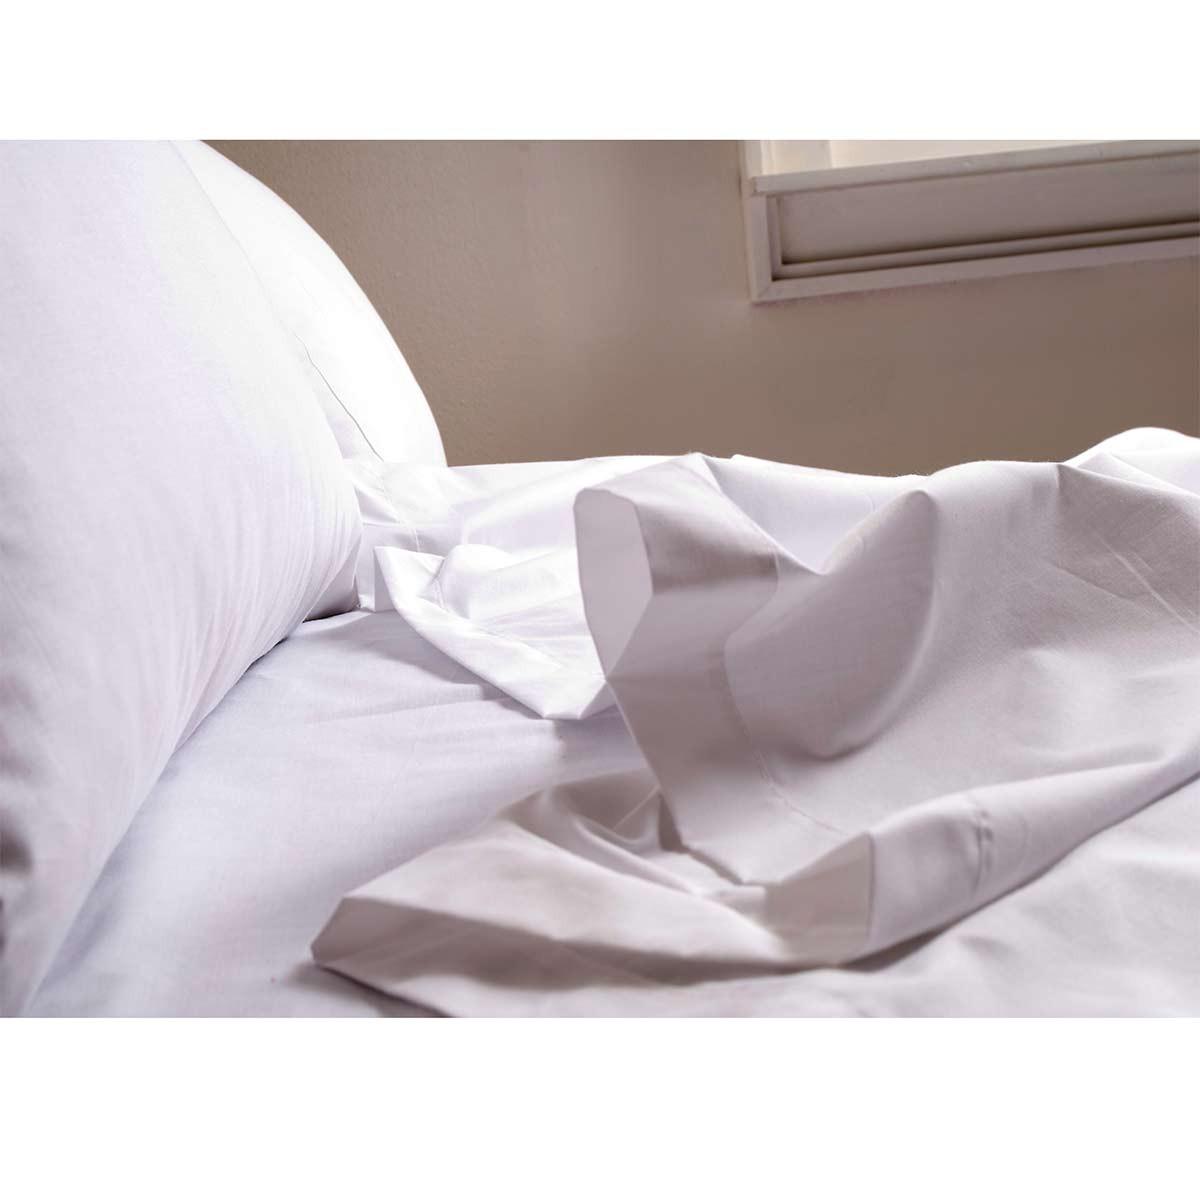 Σεντόνι Μονό Λευκό (160×260) Melinen Πενιέ Περκάλι 60/40